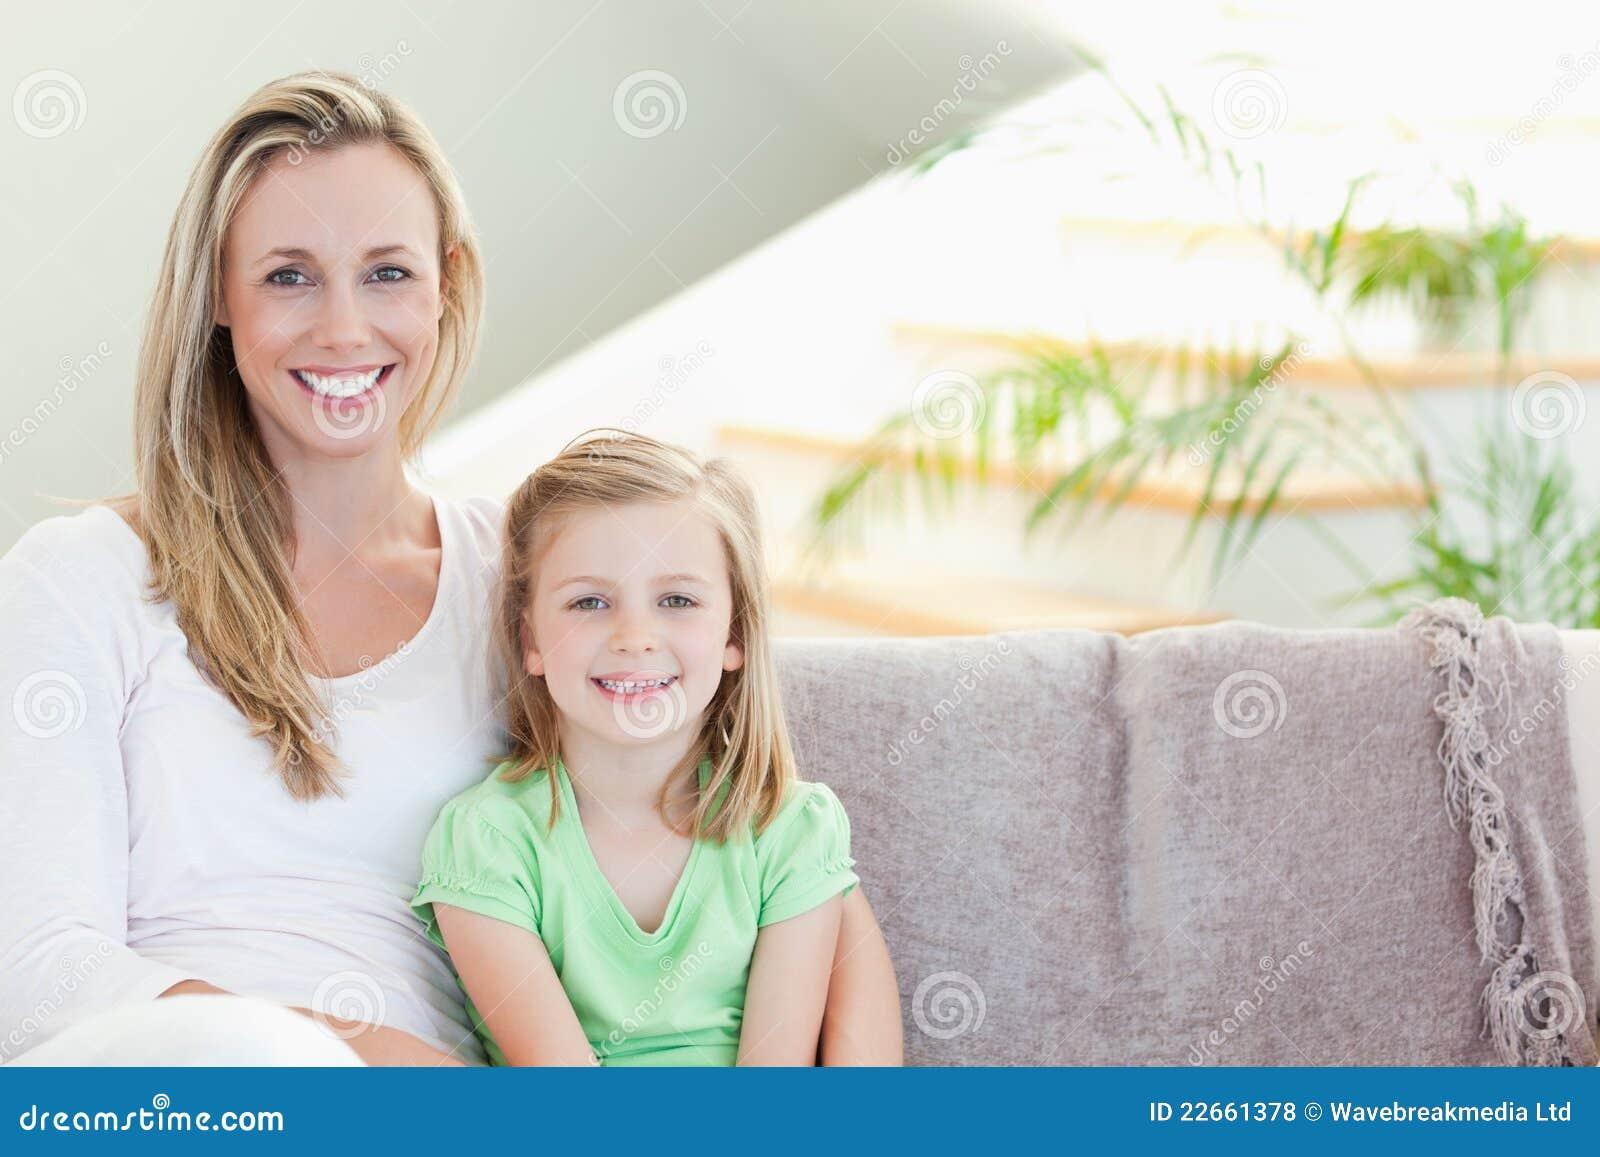 Фото мамы в кресле, Милфа с большими сиськами раздевается в кресле 26 фотография